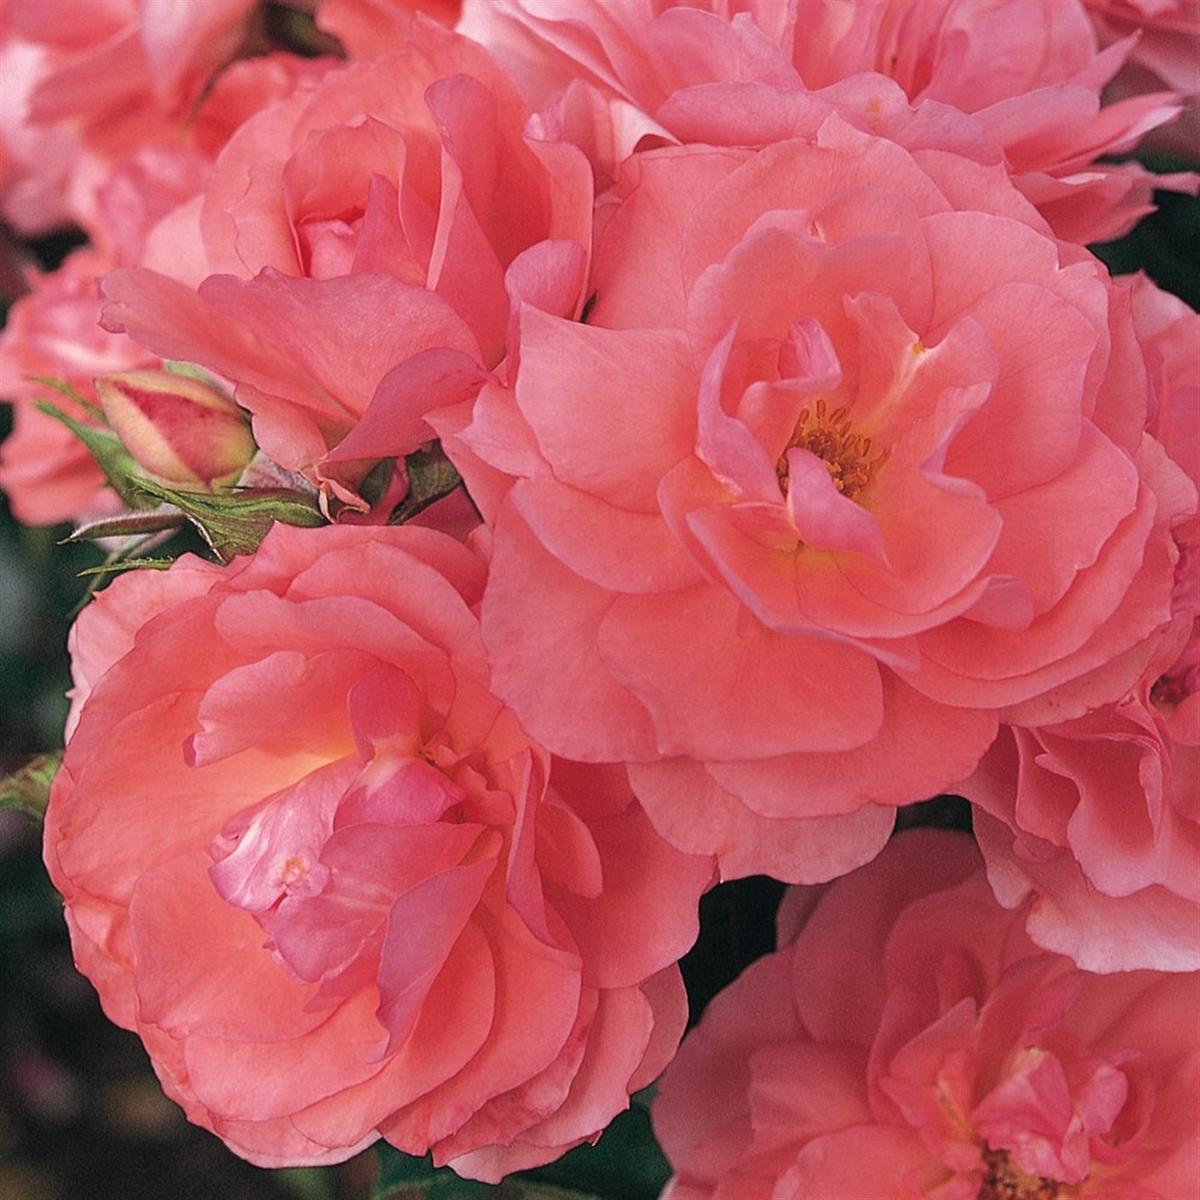 Jardin de France rosier buisson